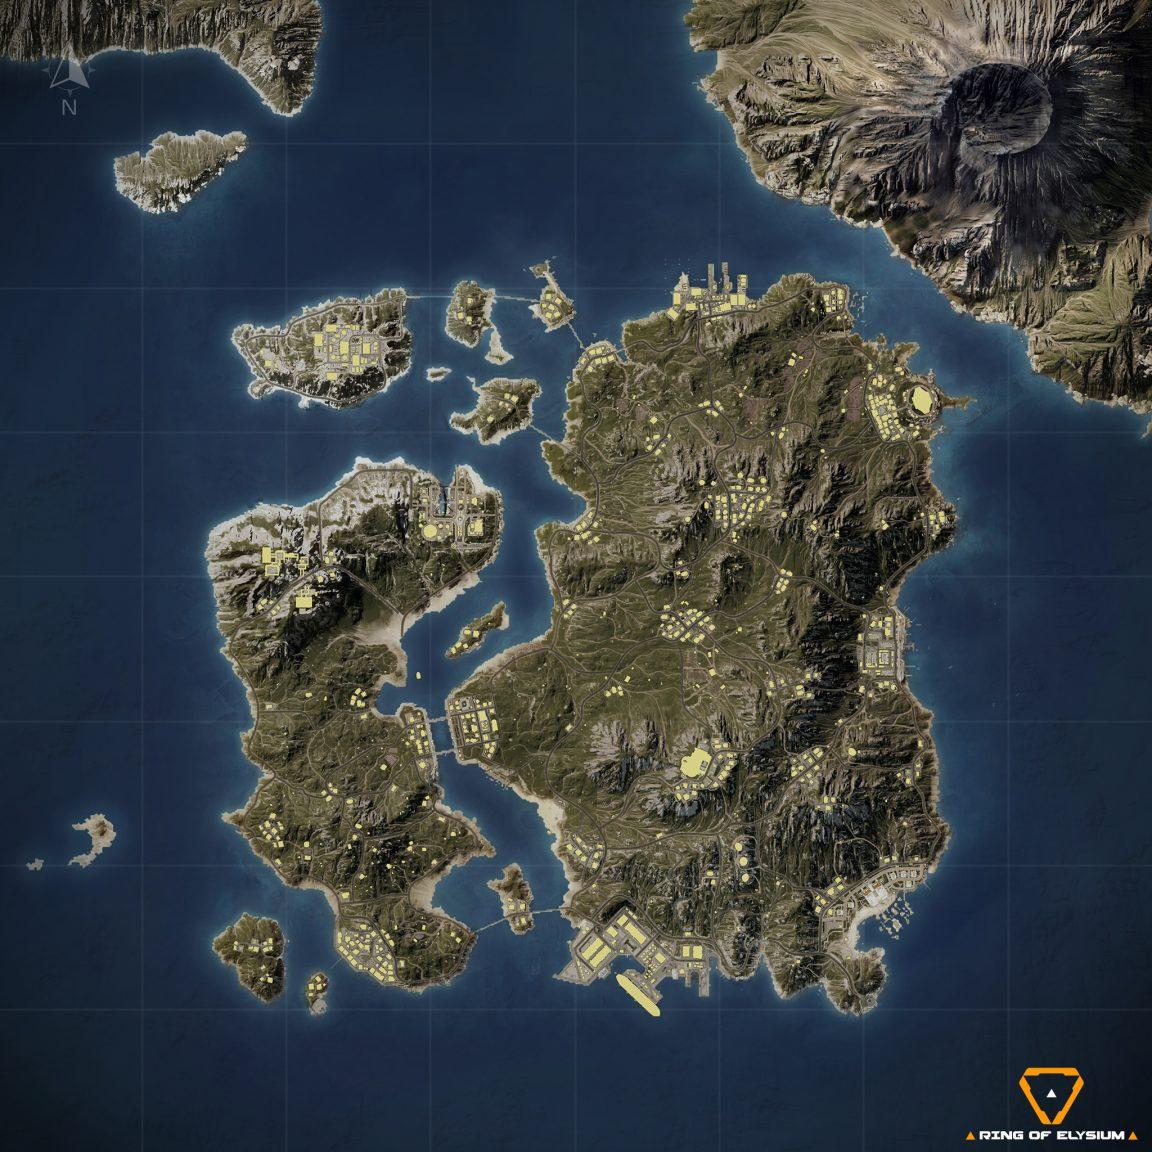 Next week's Ring of Elysium